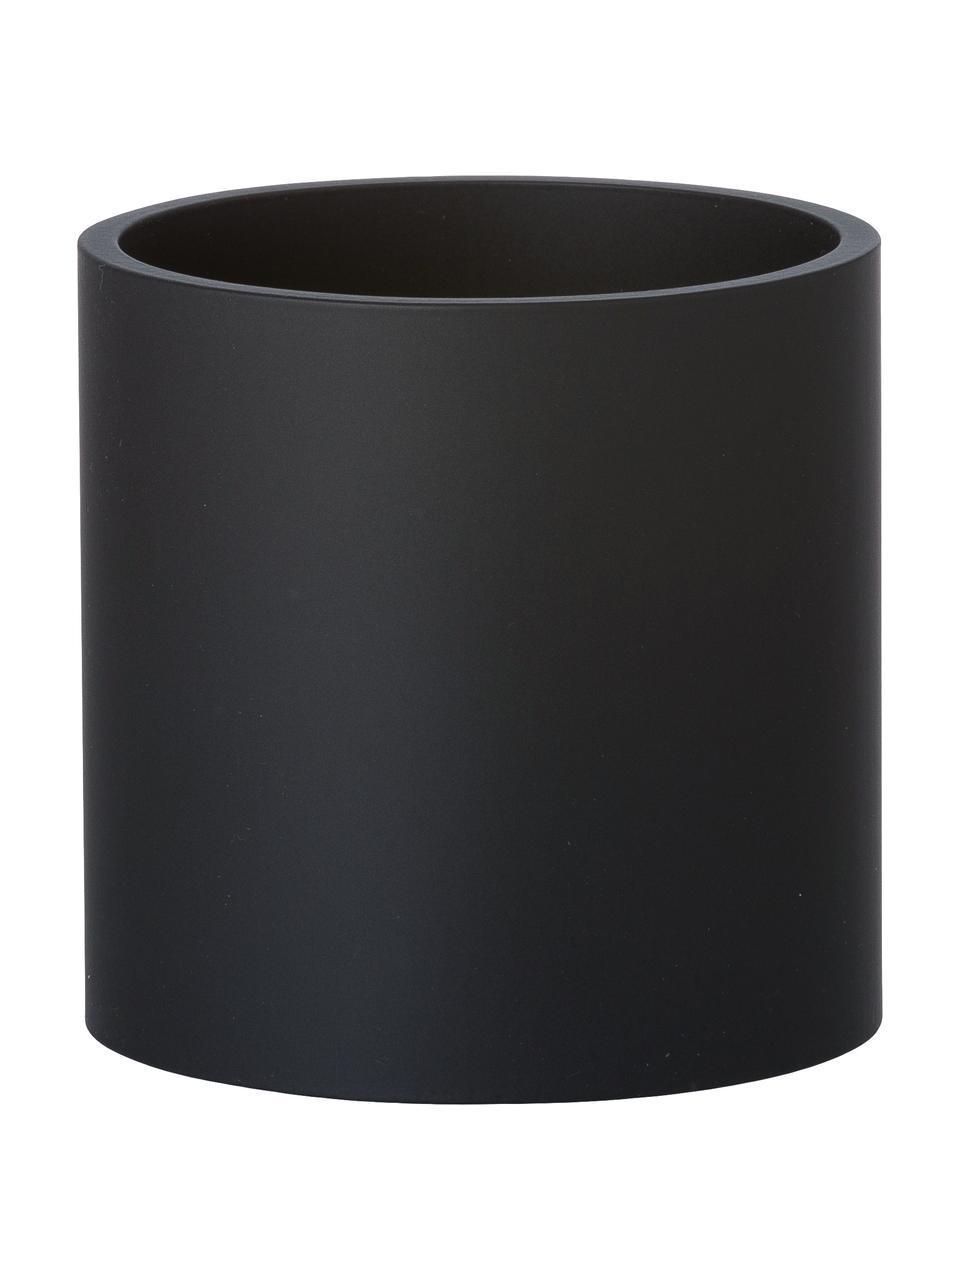 Kinkiet Roda, Czarny, S 10 x W 10 cm